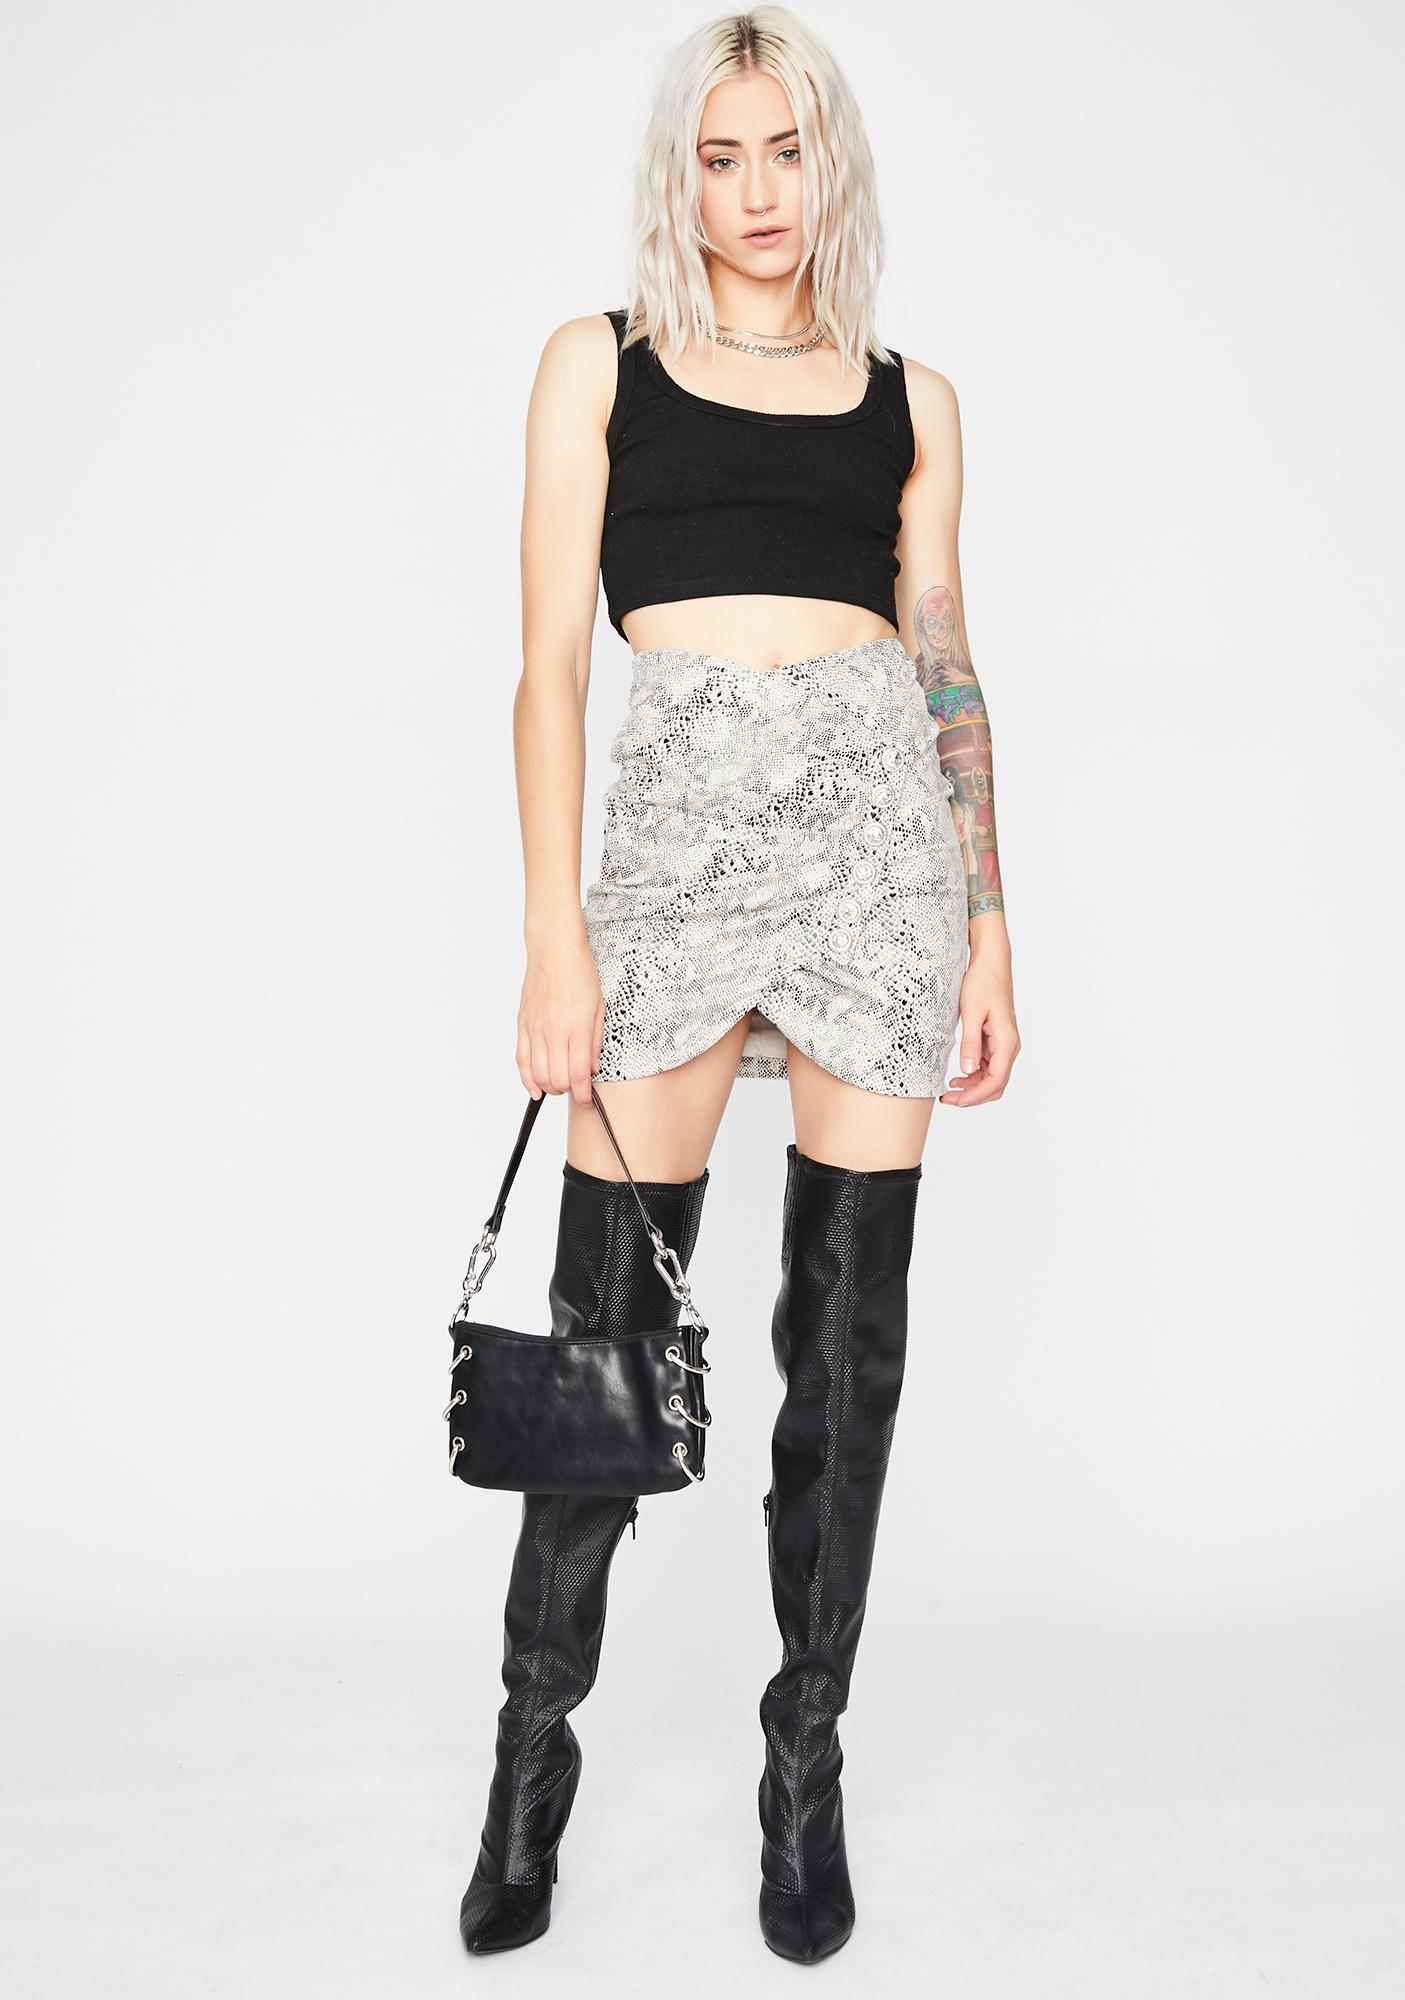 Cobra Improper Socialite ini Skirt